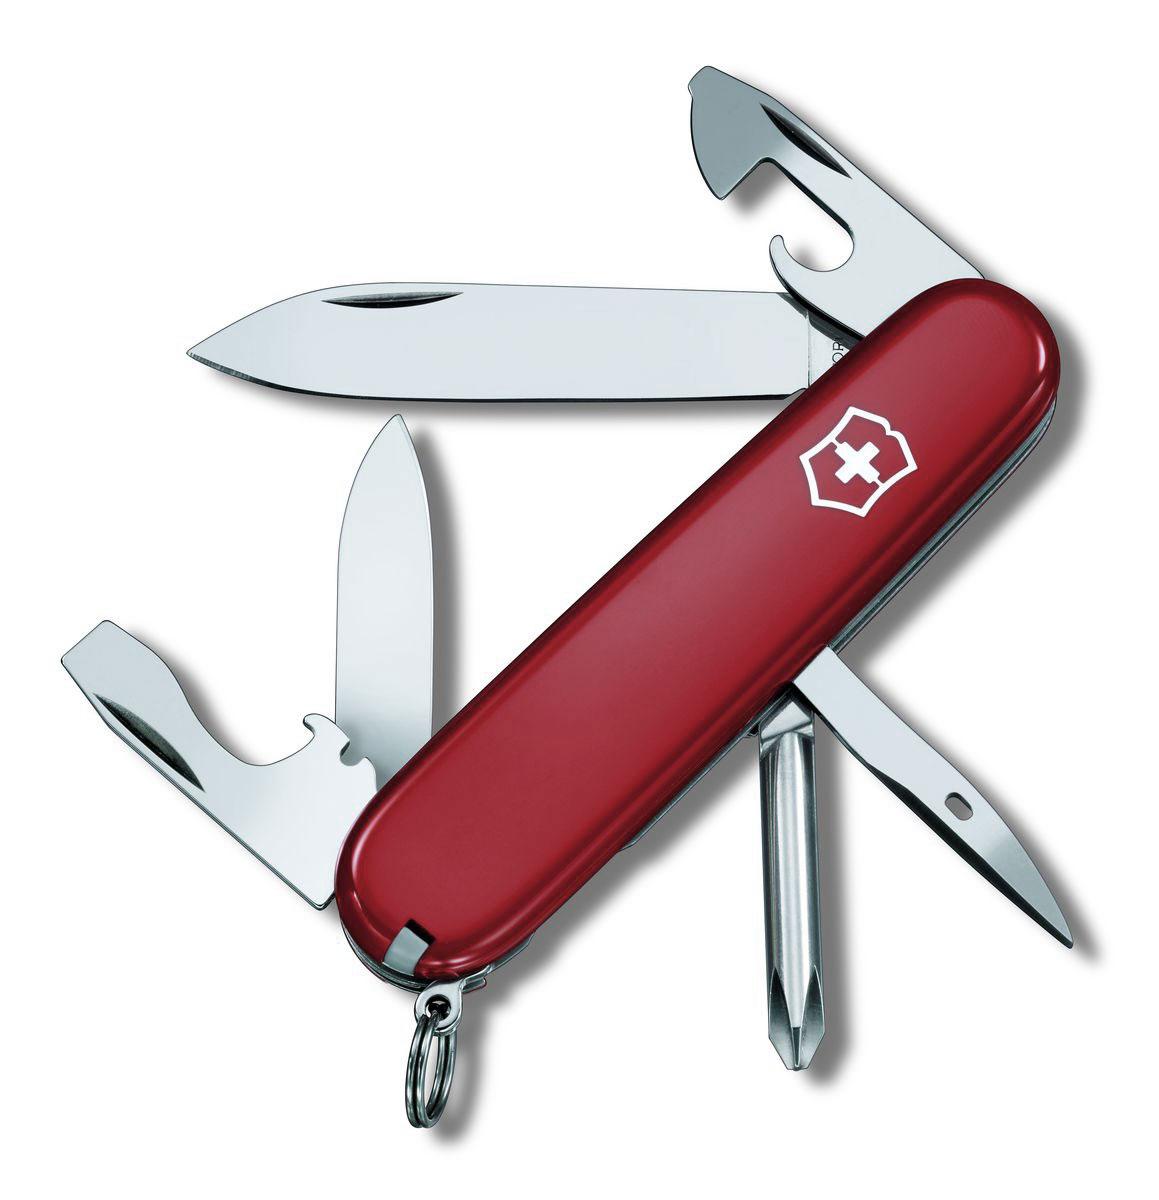 Нож перочинный Victorinox Tinker, цвет: красный, 12 функций, 9,1 см1.4603Лезвие перочинного складного ножа Victorinox Tinker изготовлено из высококачественной нержавеющей стали. Ручка, выполненная из прочного пластика, обеспечивает надежный и удобный хват. Хорошее качество, надежный долговечный материал и эргономичная рукоятка - что может быть удобнее на природе или на пикнике! Функции ножа: Большое лезвие. Малое лезвие. Крестовая отвертка. Консервный нож с малой отверткой. Открывалка для бутылок с отверткой. Инструментом для снятия изоляции. Шило, кернер. Кольцо для ключей. Пинцет. Зубочистка. Длина ножа в сложенном виде: 9,1 см. Длина ножа в разложенном виде: 16 см. Длина большого лезвия: 7 см. Длина малого лезвия: 4 см.